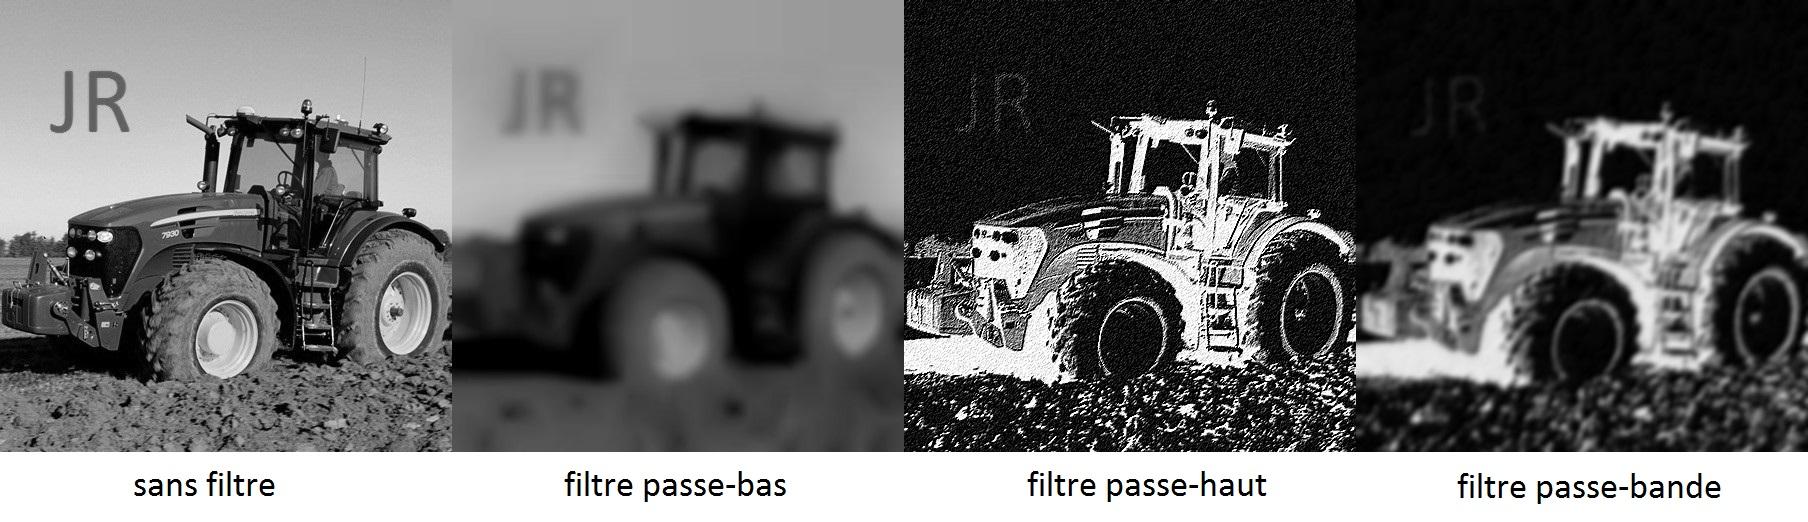 photo_sans_filtre_normale_passe_bas_haut_bande_haut_fréquence_basse_fréquence